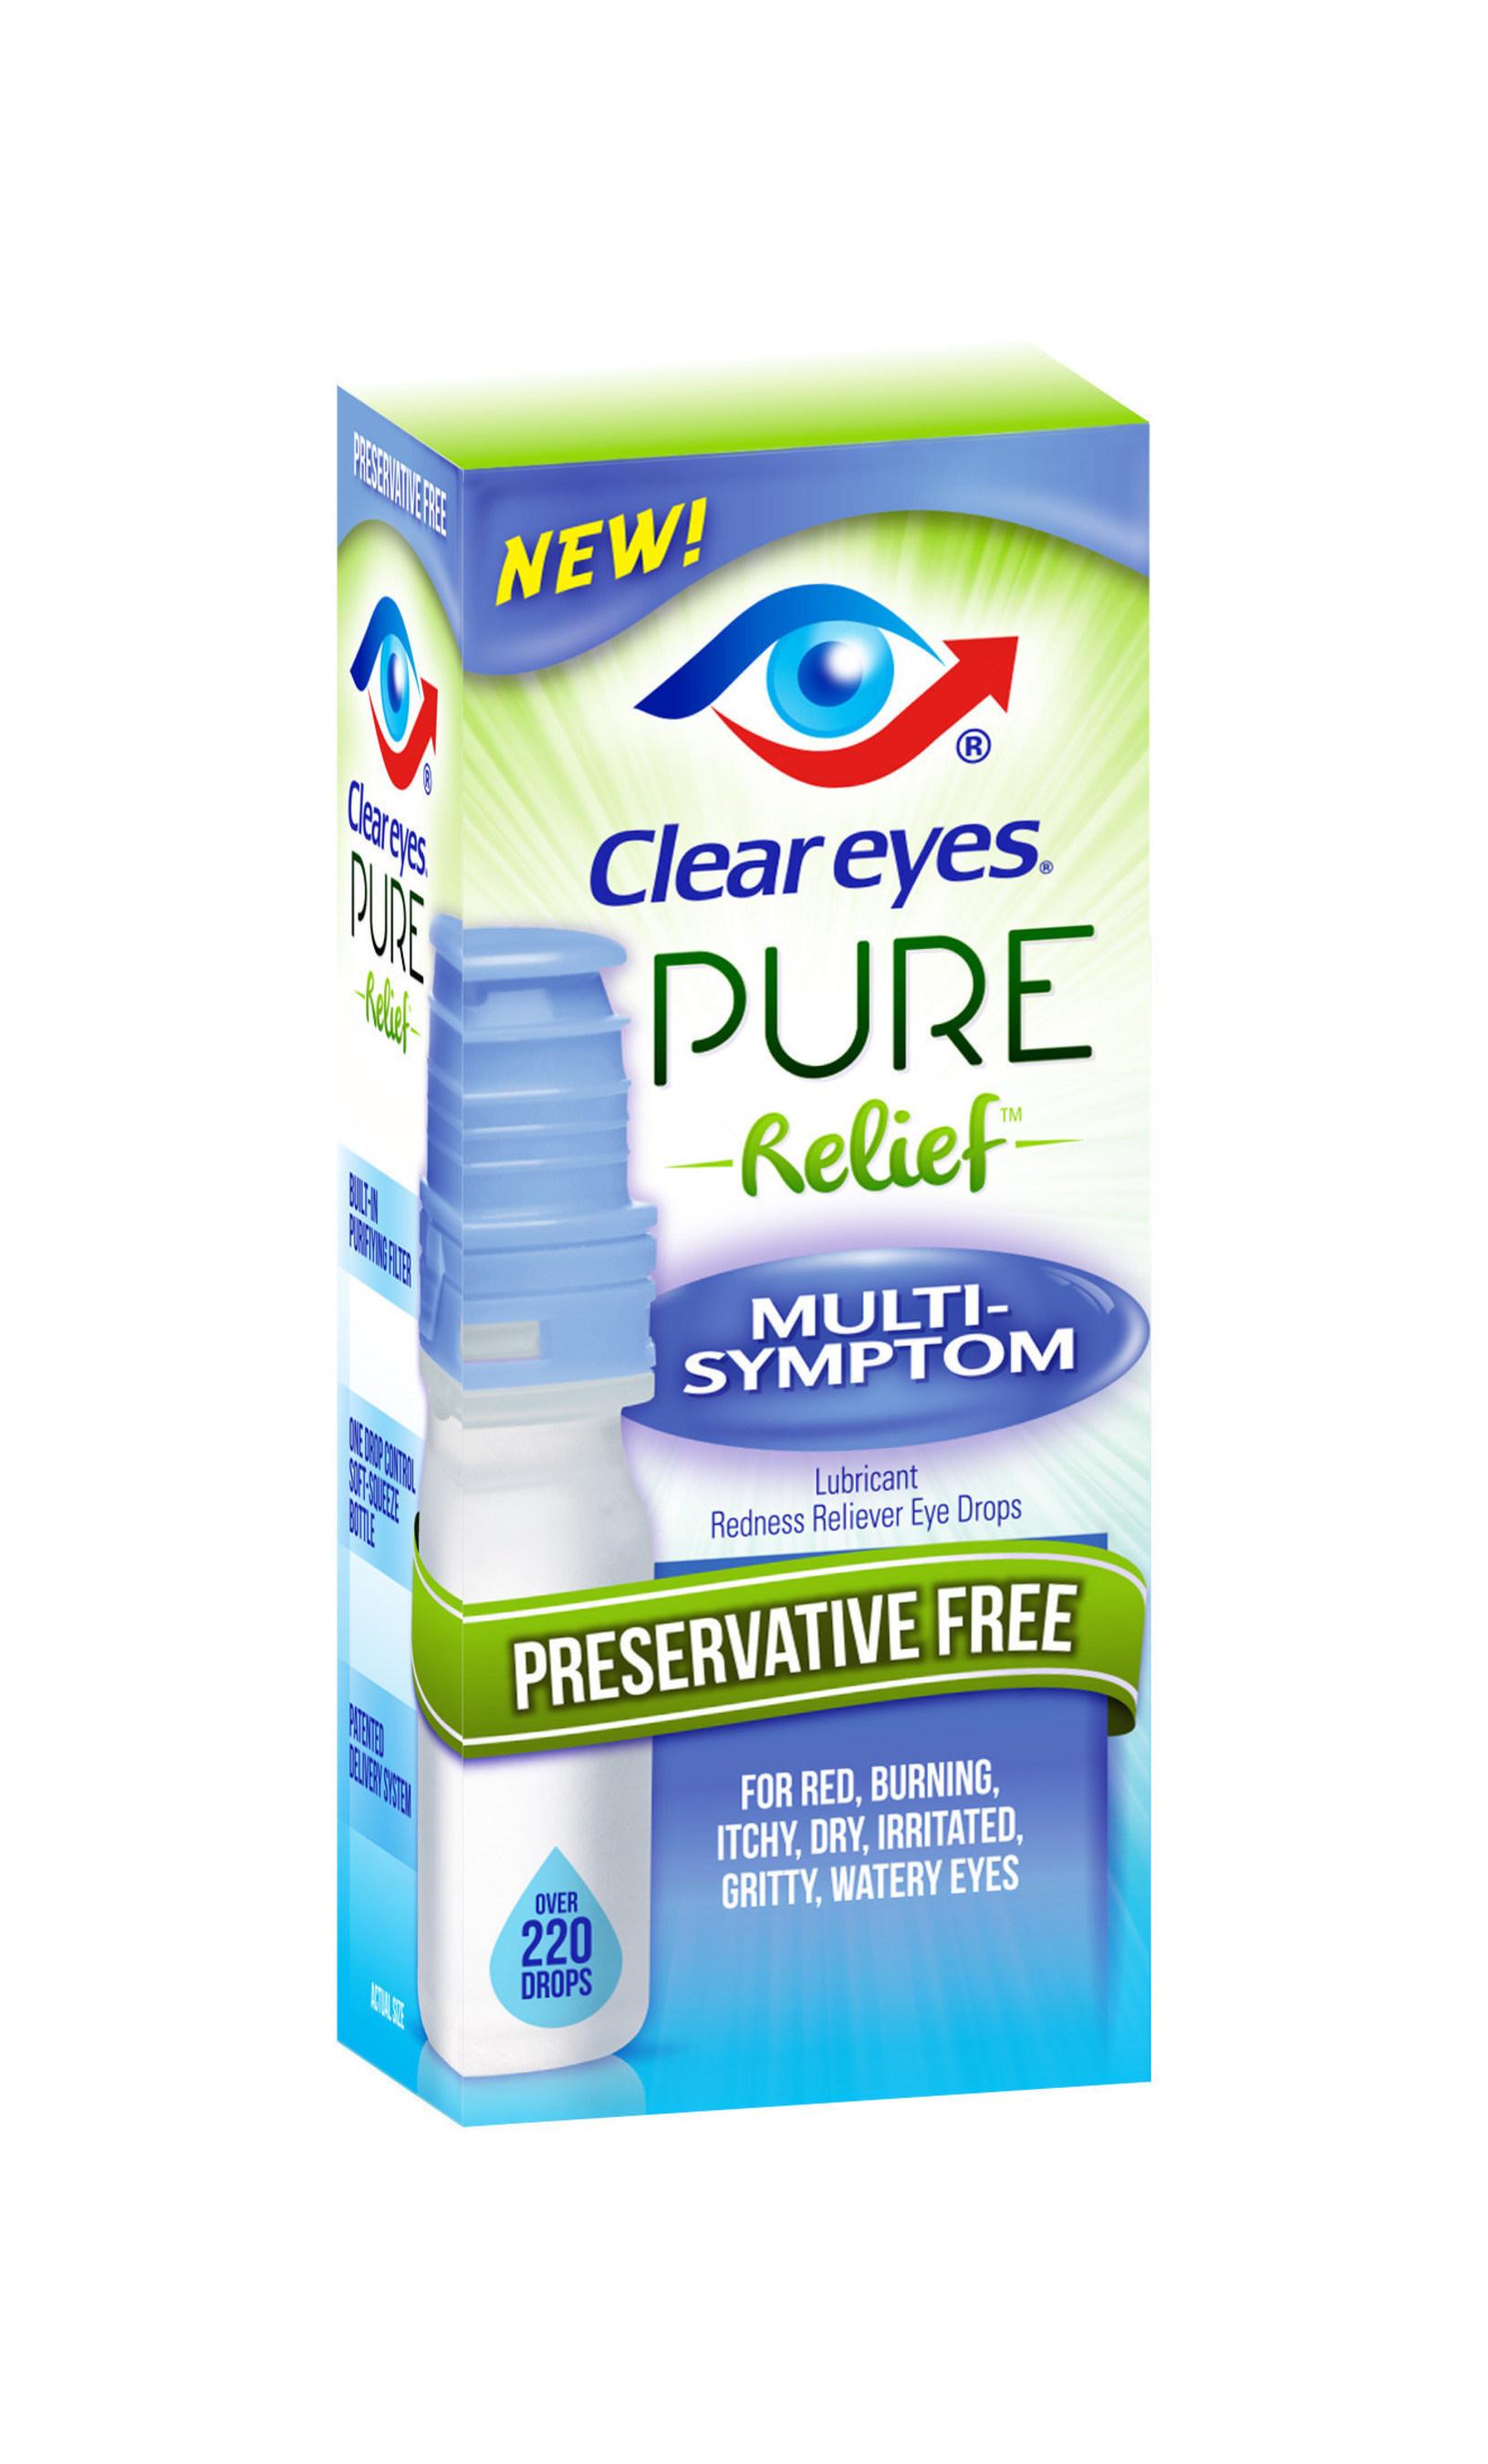 Flurbiprofen Eye Drops For Dogs Side Effects